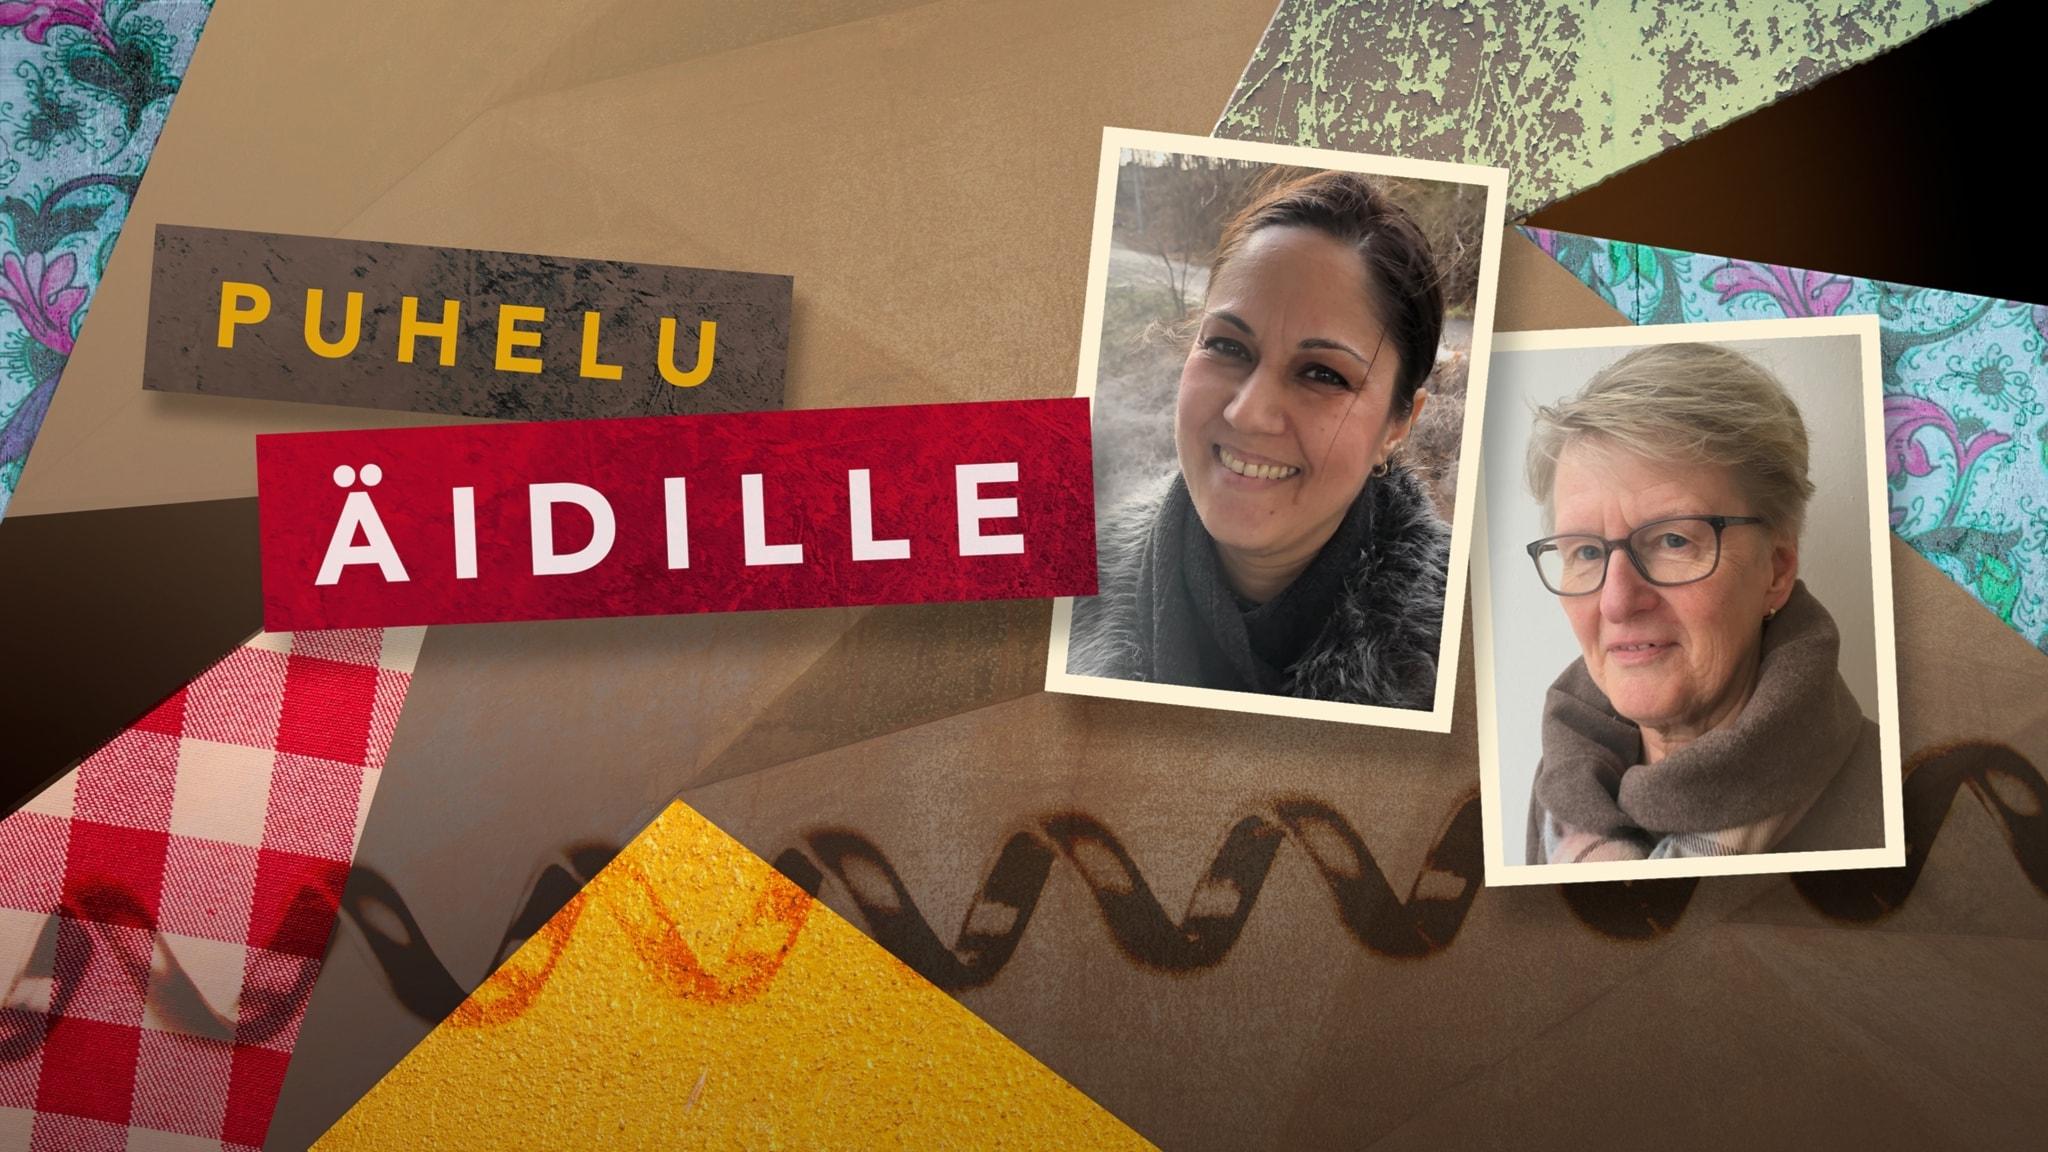 Puhelu äidille: Ruotsinsuomalainen Silvia perusti perheen Delhiin